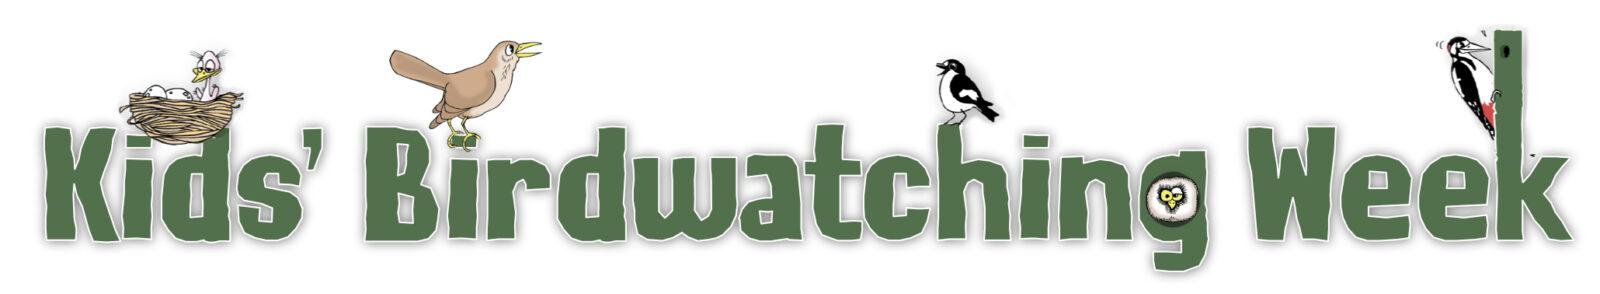 Kids' Birdwatching Week Logo